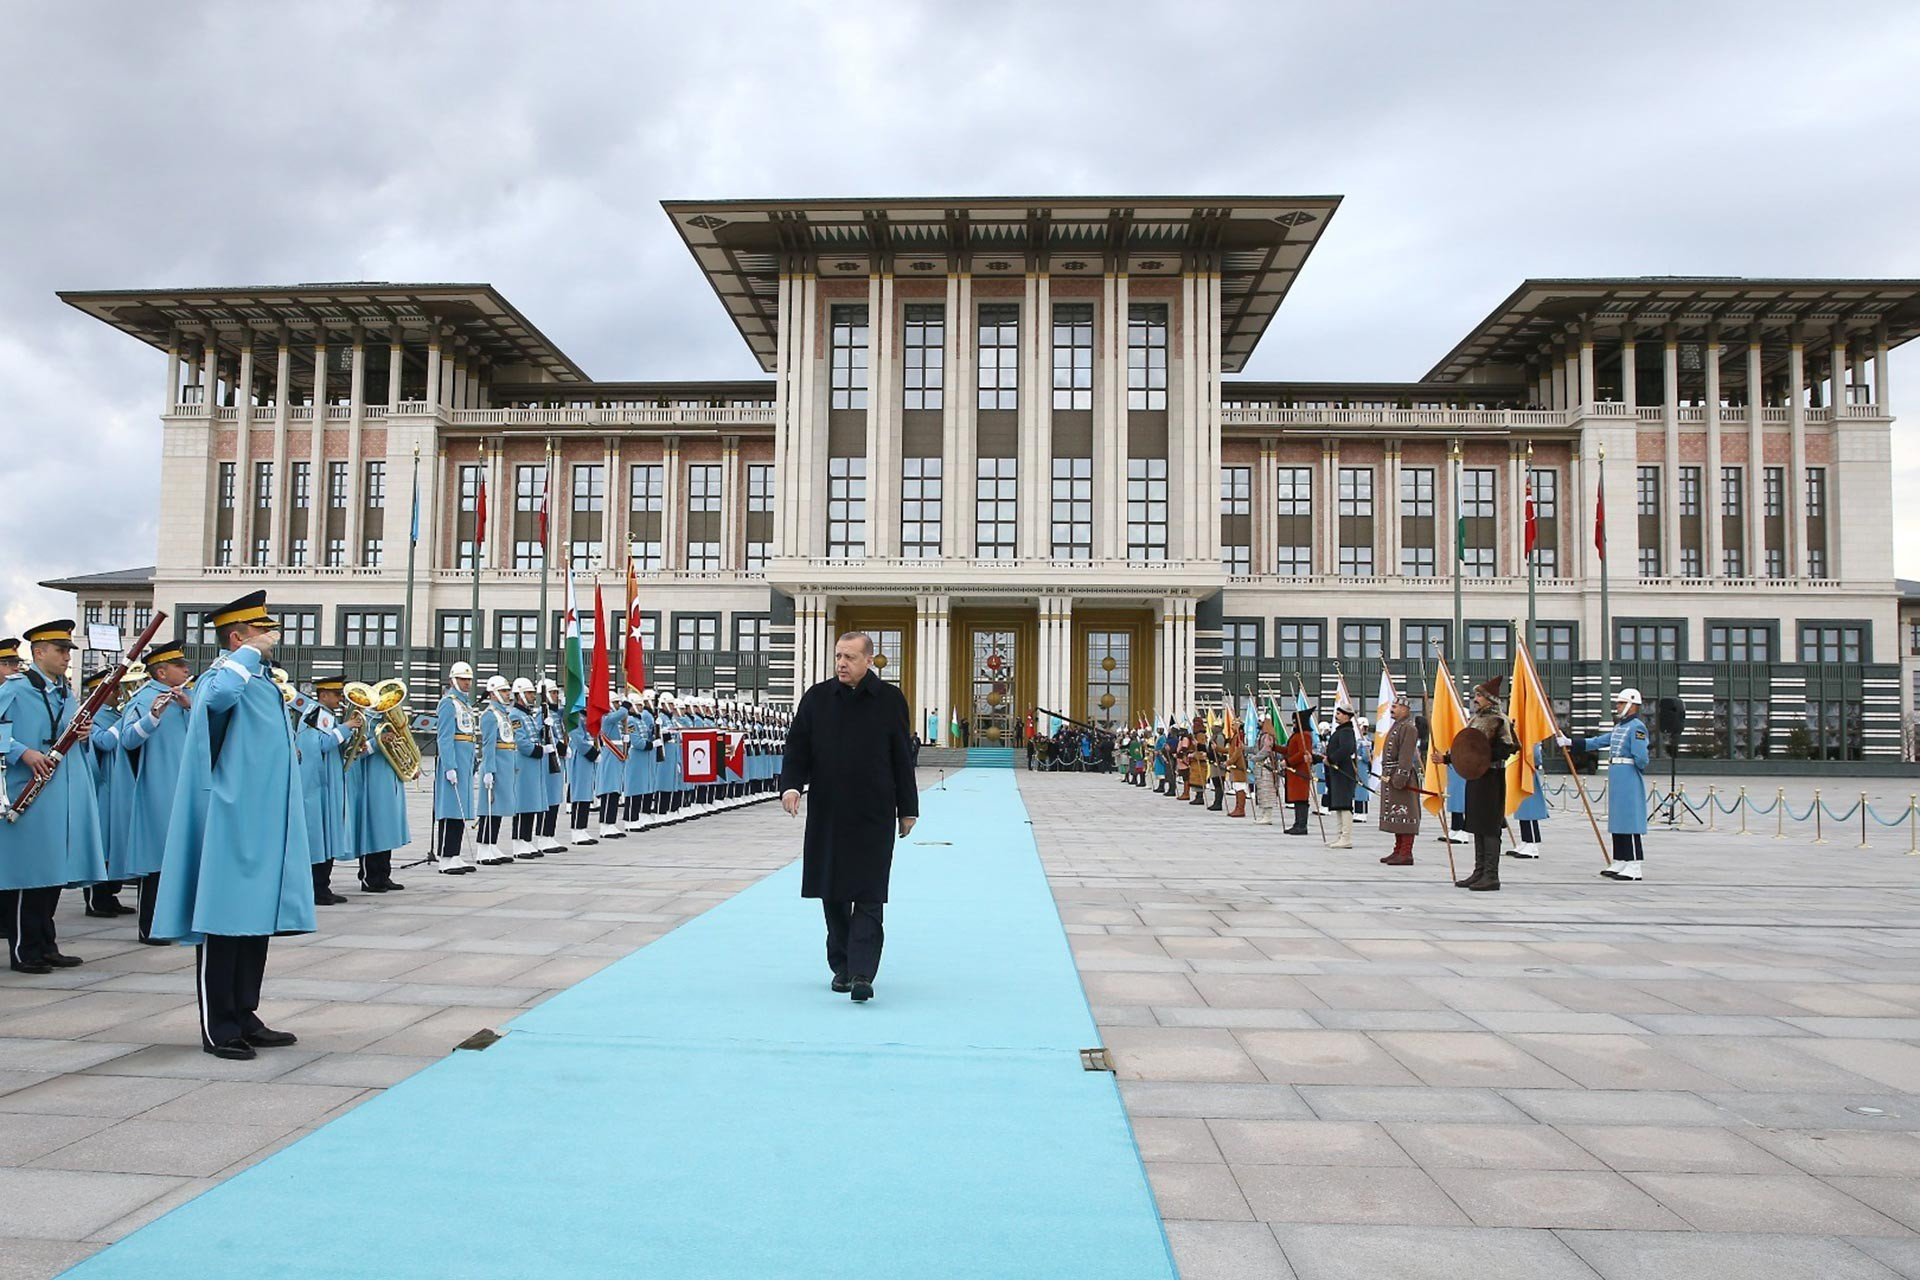 Cumhurbaşkanlığı Sarayı önünde turkuaz renkli halıda yürüyen Cumhurbaşkanı Recep Tayyip Erdoğan